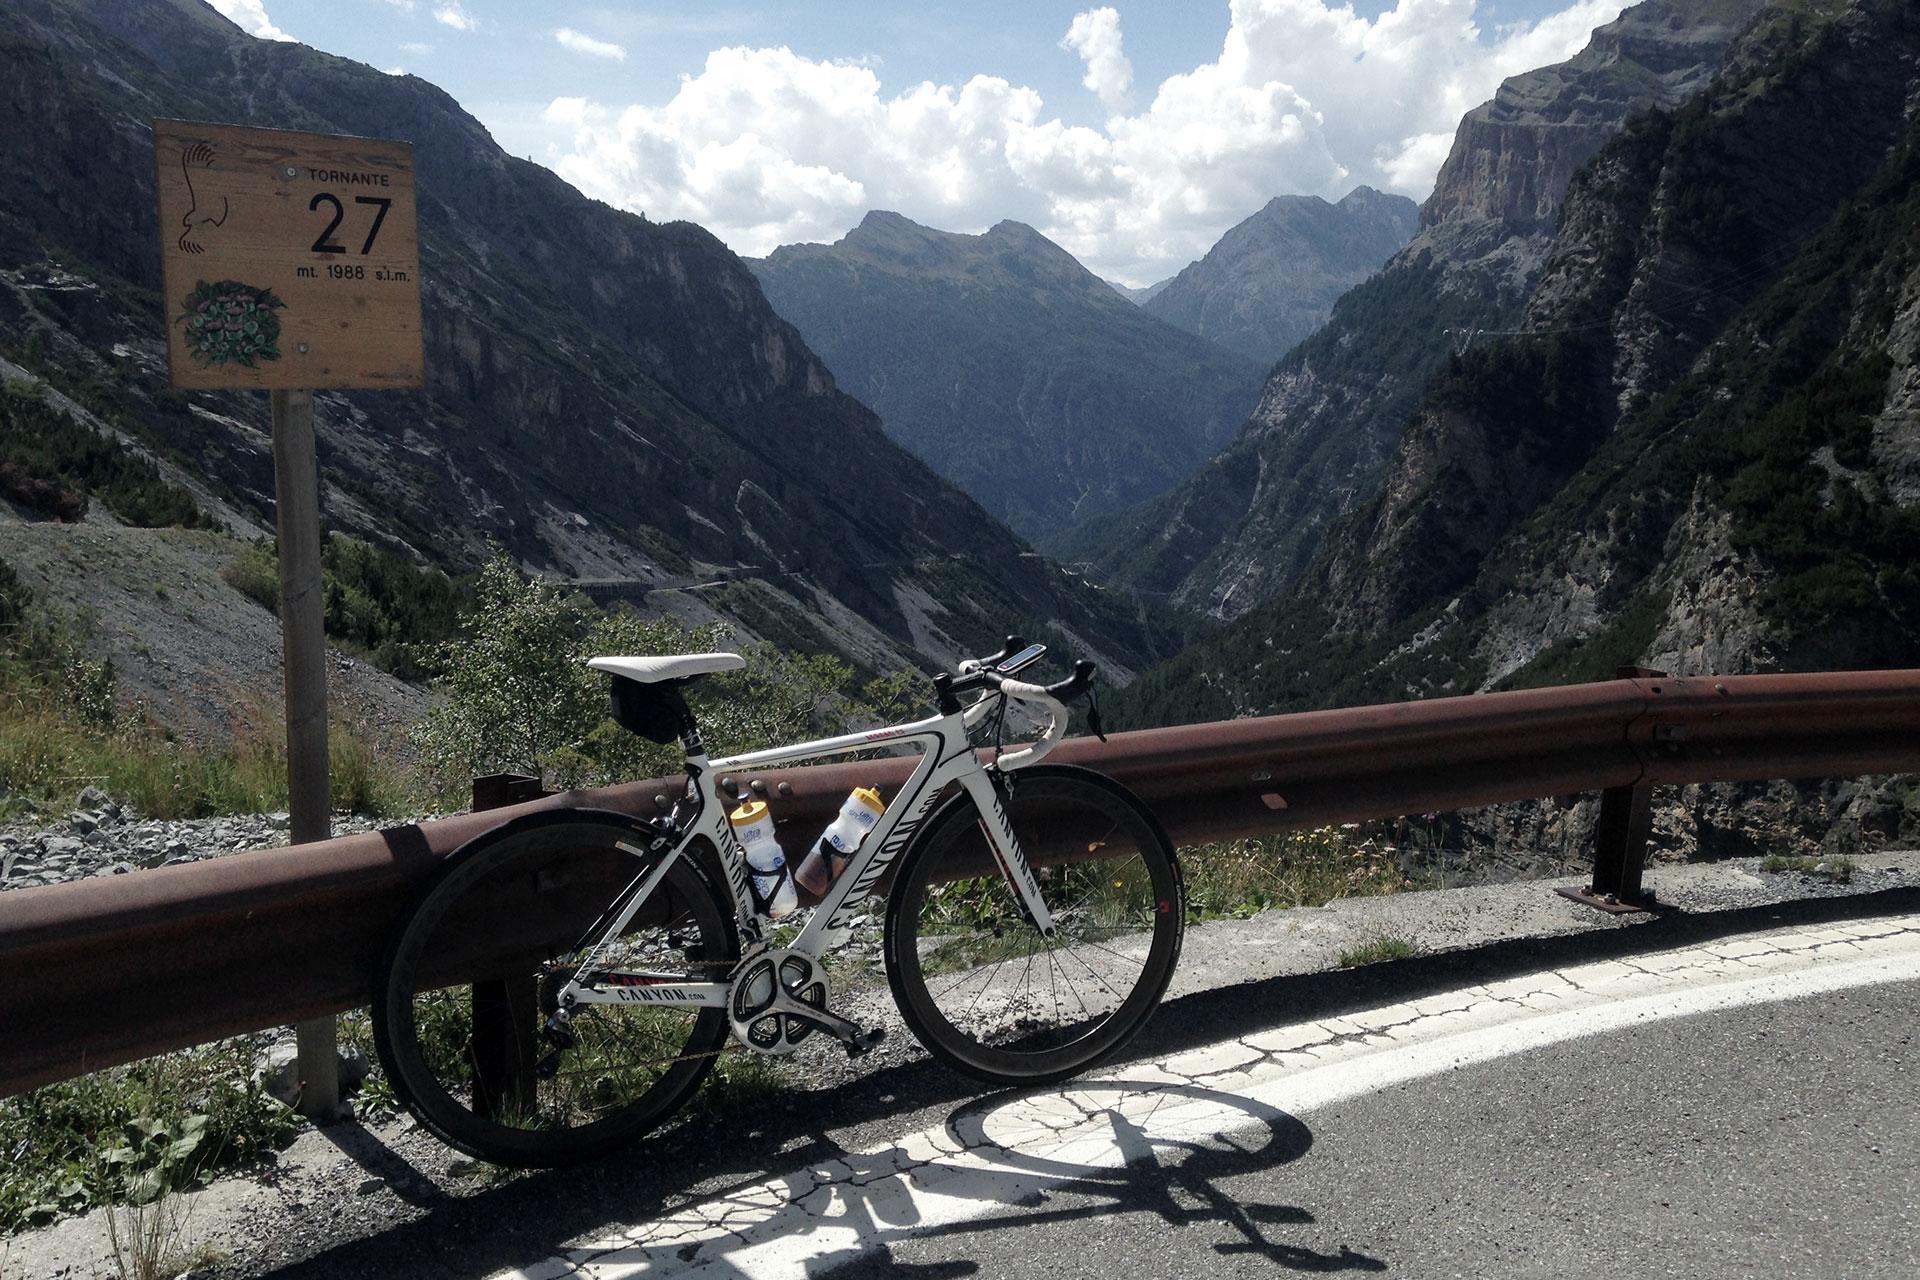 IRONMAN VICHY 2017 The Making of an Ironman Triathlete #3 / Von Bormio zum Stilfserjoch sind's 36 Kehren, nach der Hälfte des Anstiegs mit dem steilsten Teilstück von 14% sind schon neun geschafft © Stefan Drexl